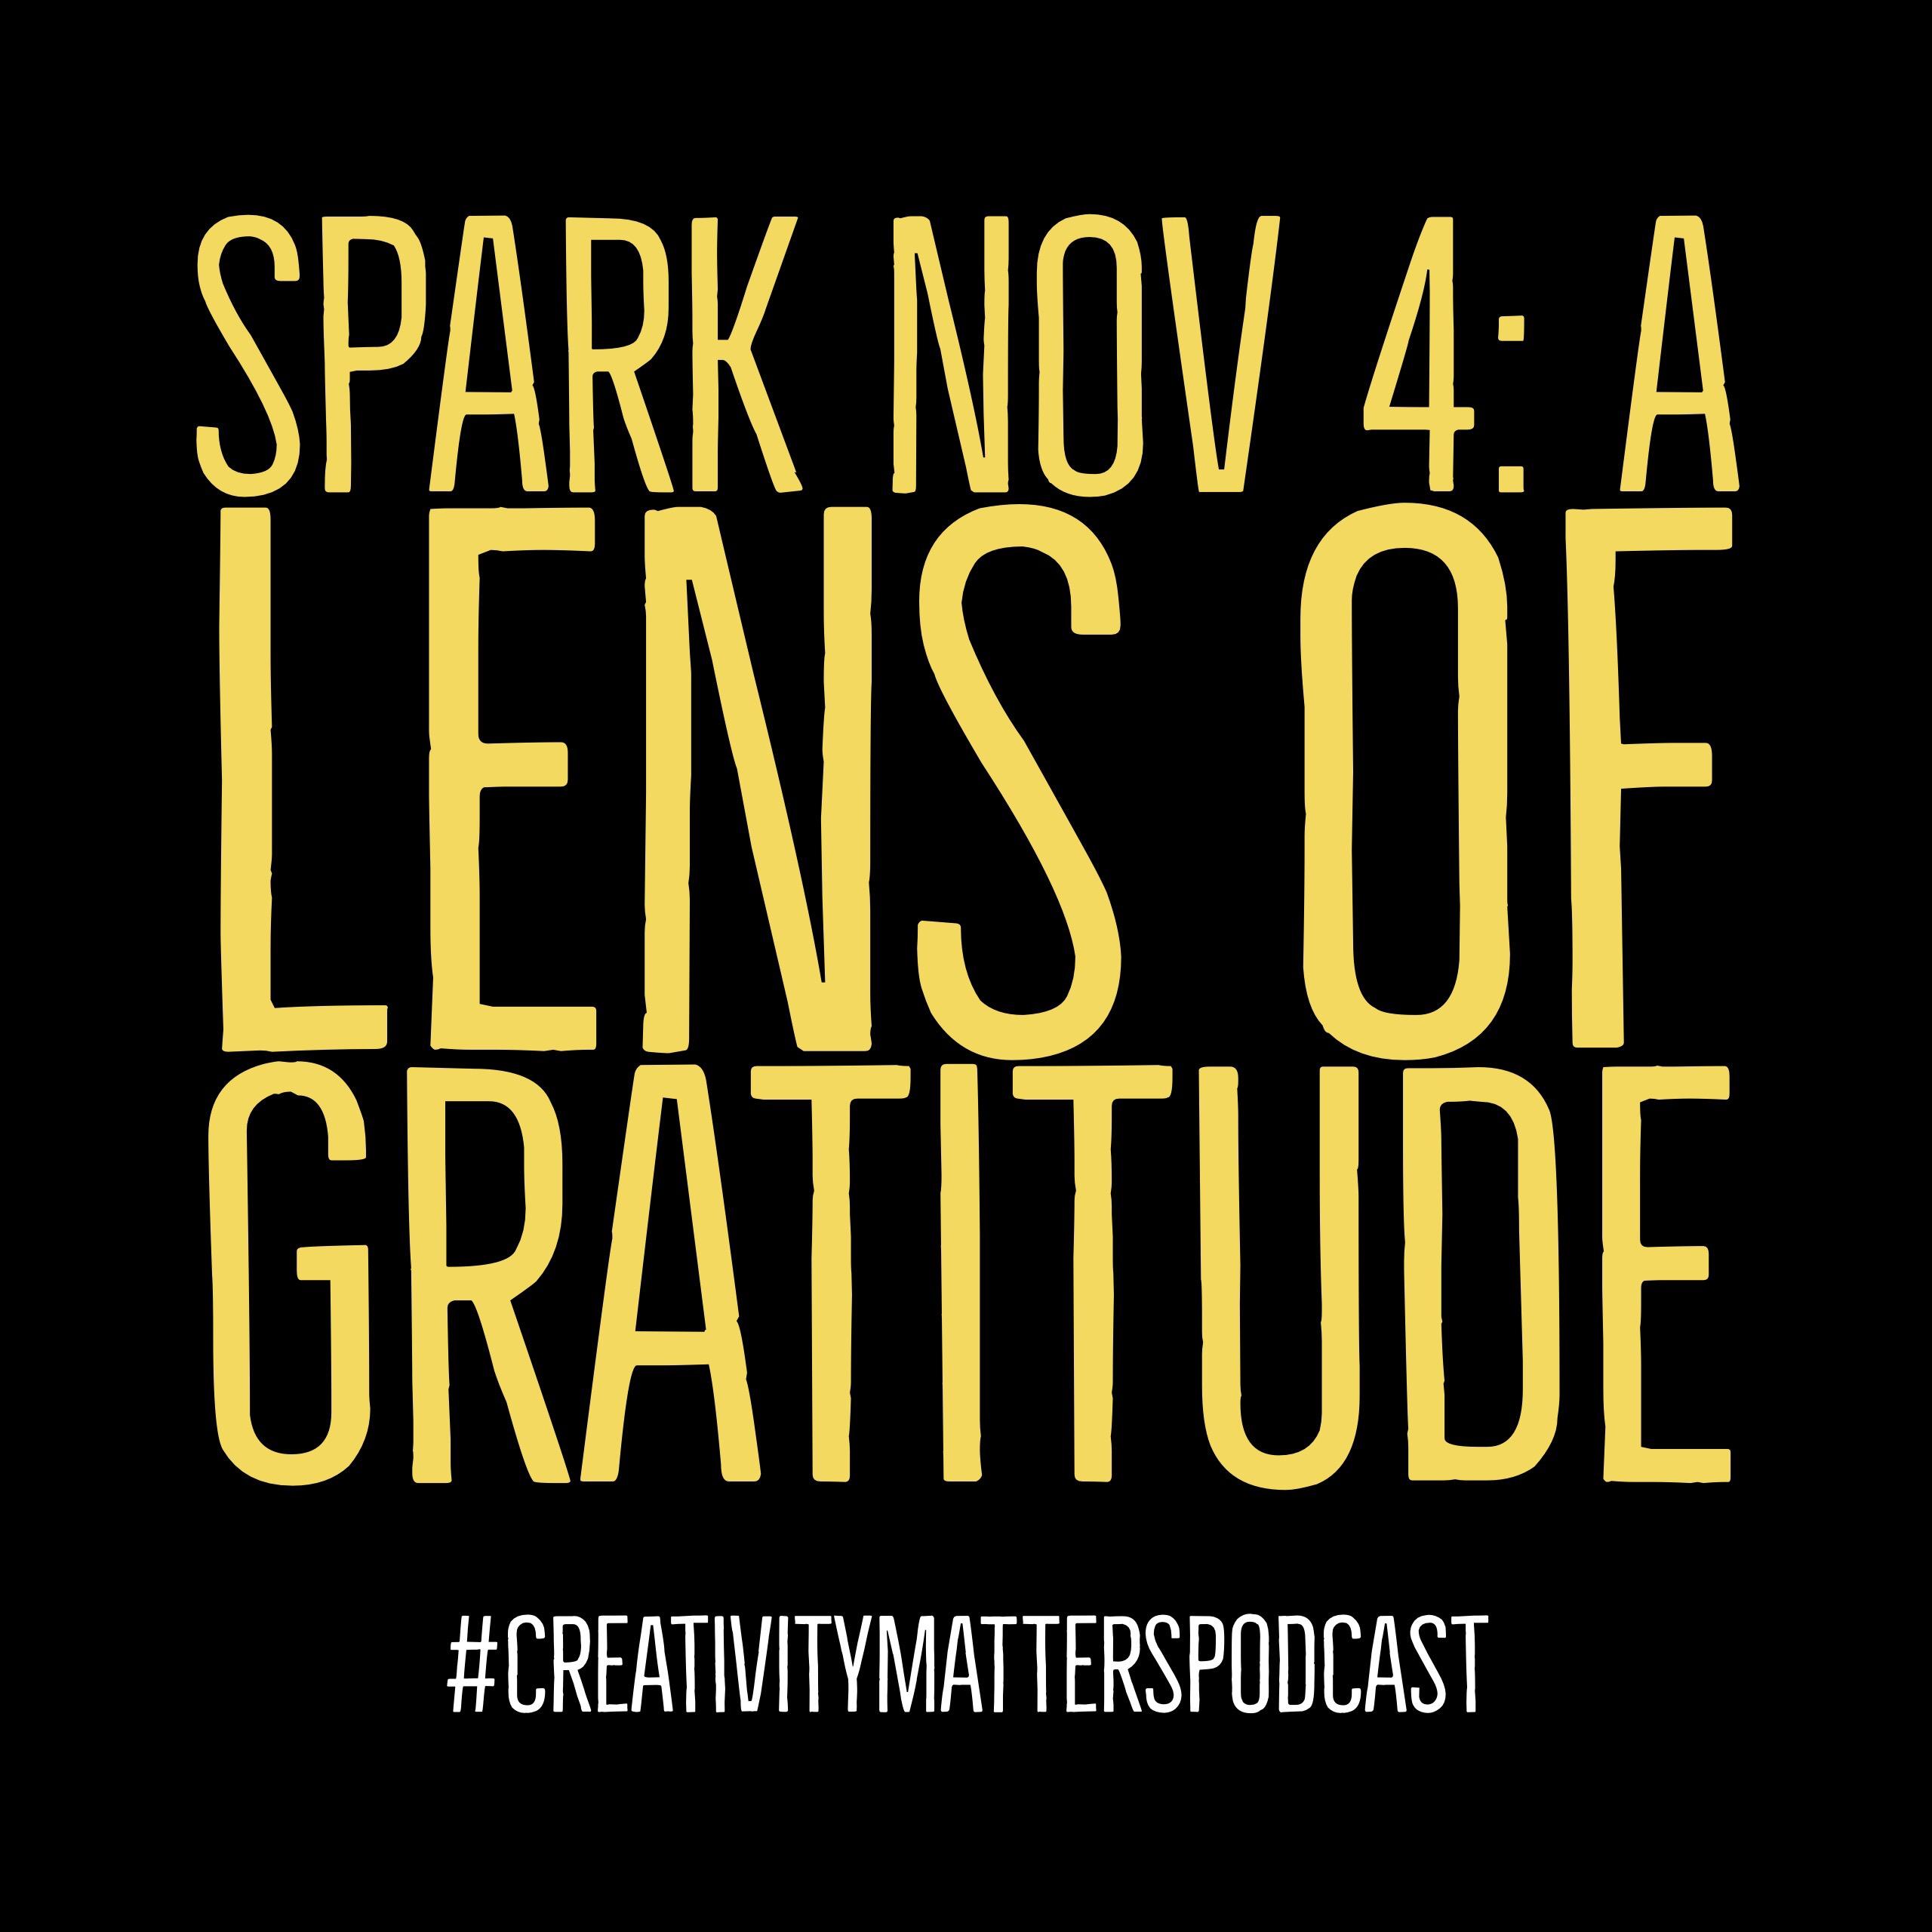 Spark 4: A lens of gratitude